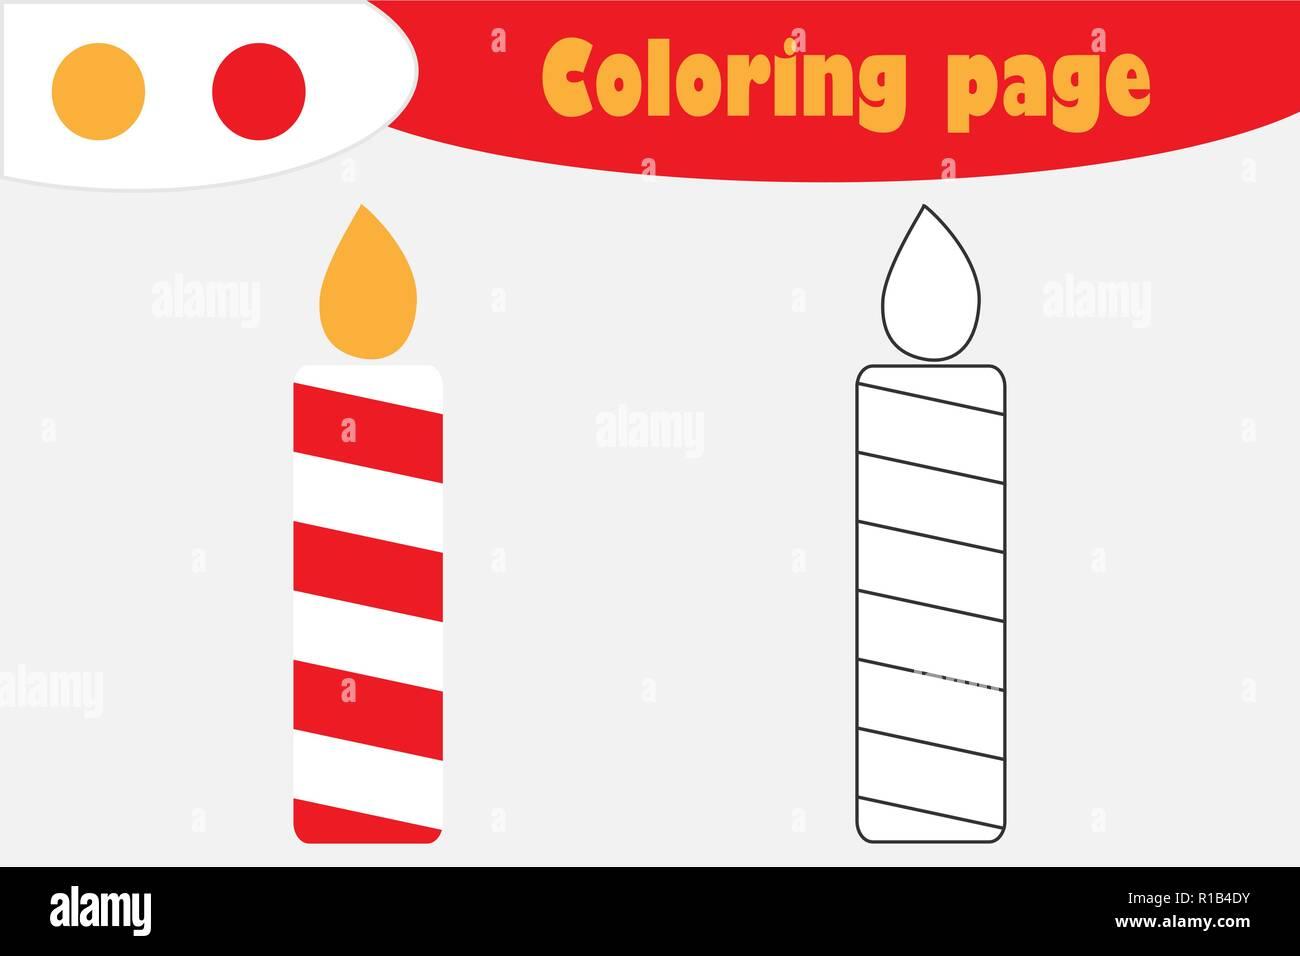 Vela En Estilo De Dibujos Animados Navidad Pagina Para Colorear El